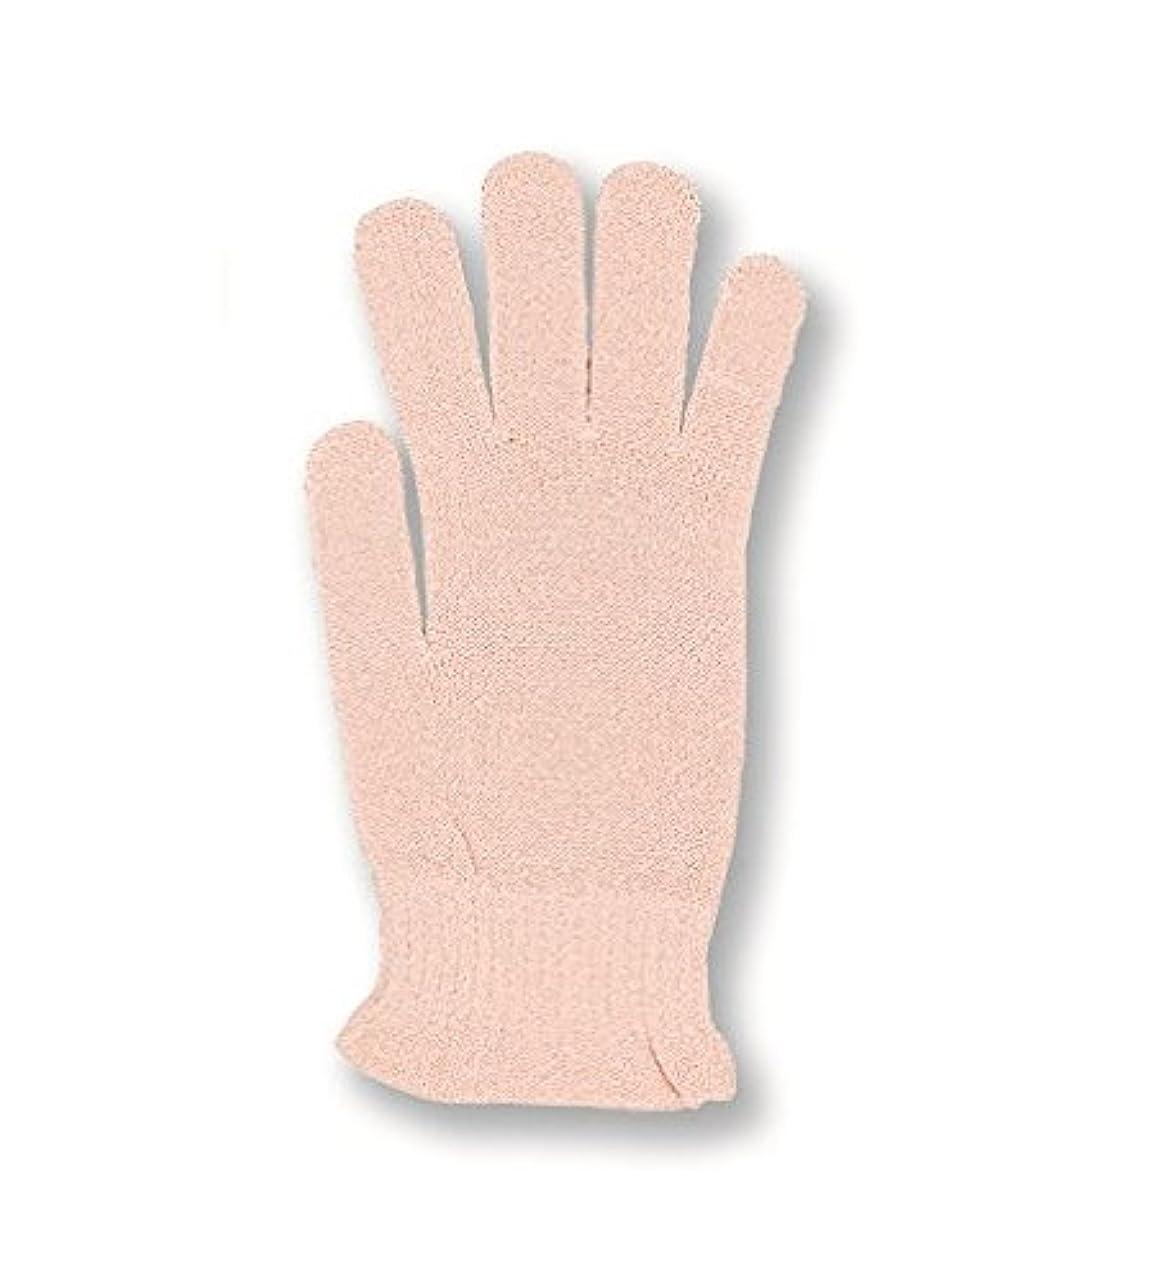 個人すごい合併コクーンフィット シルク おやすみ手袋 ピーチ